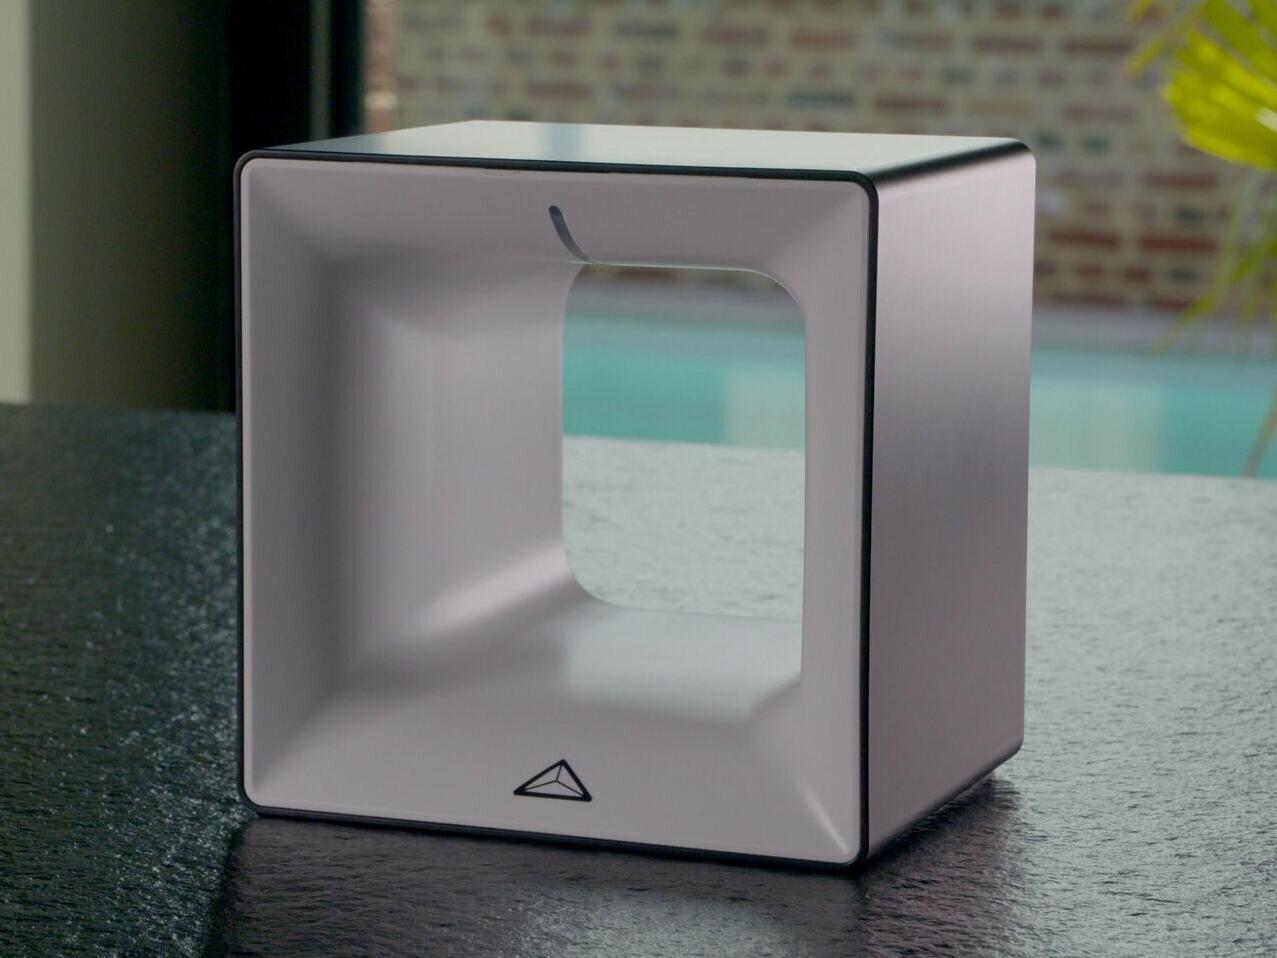 Box domotique Enki à 1 euro par mois : Leroy Merlin impose un minimum de commande